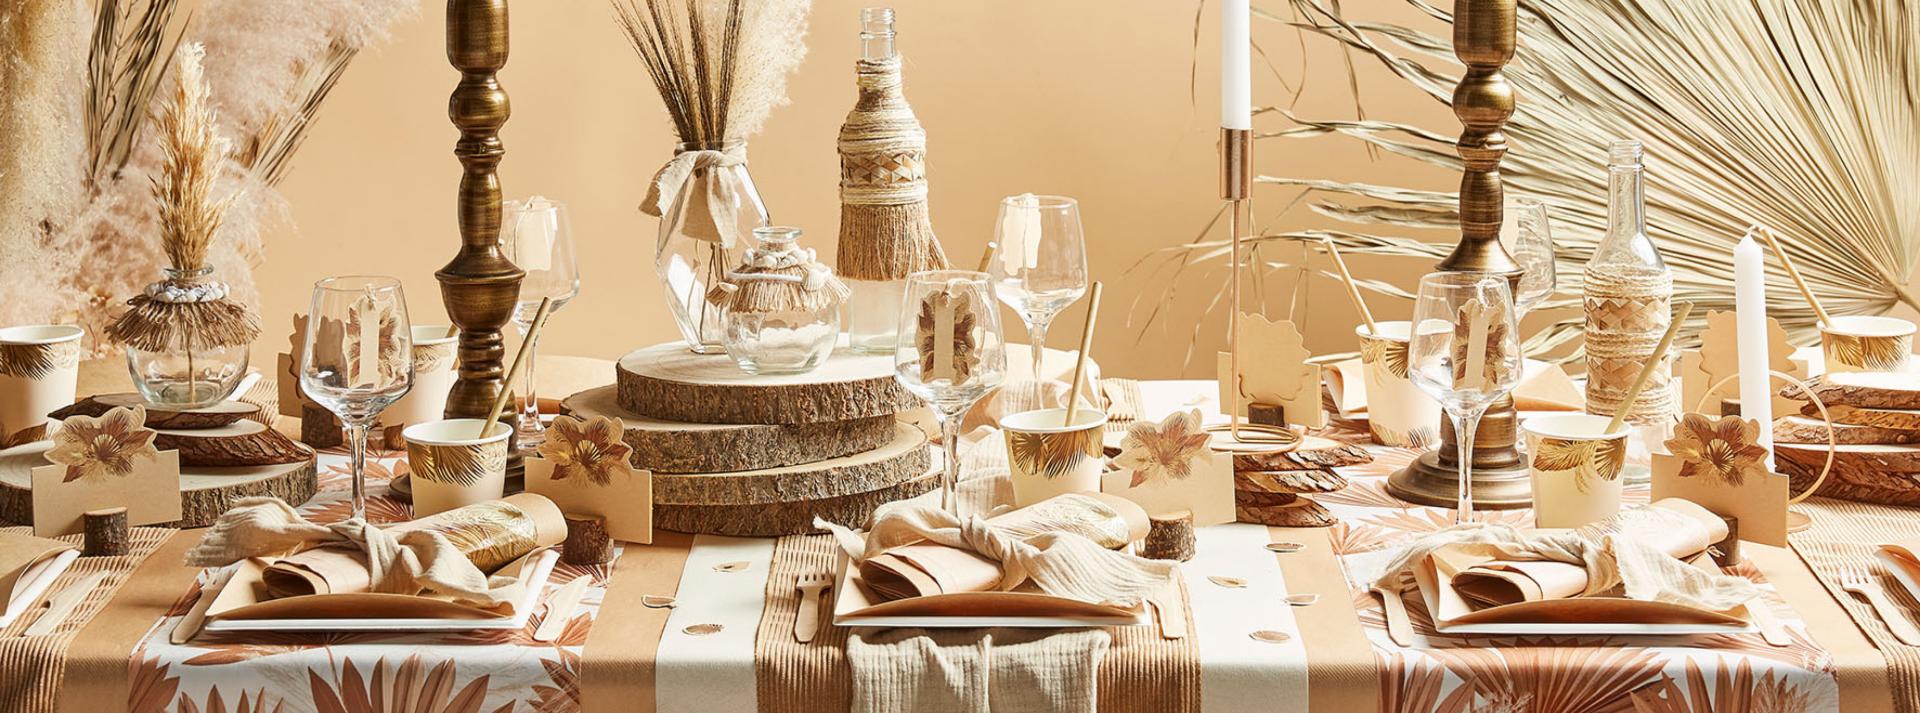 table_havane.png